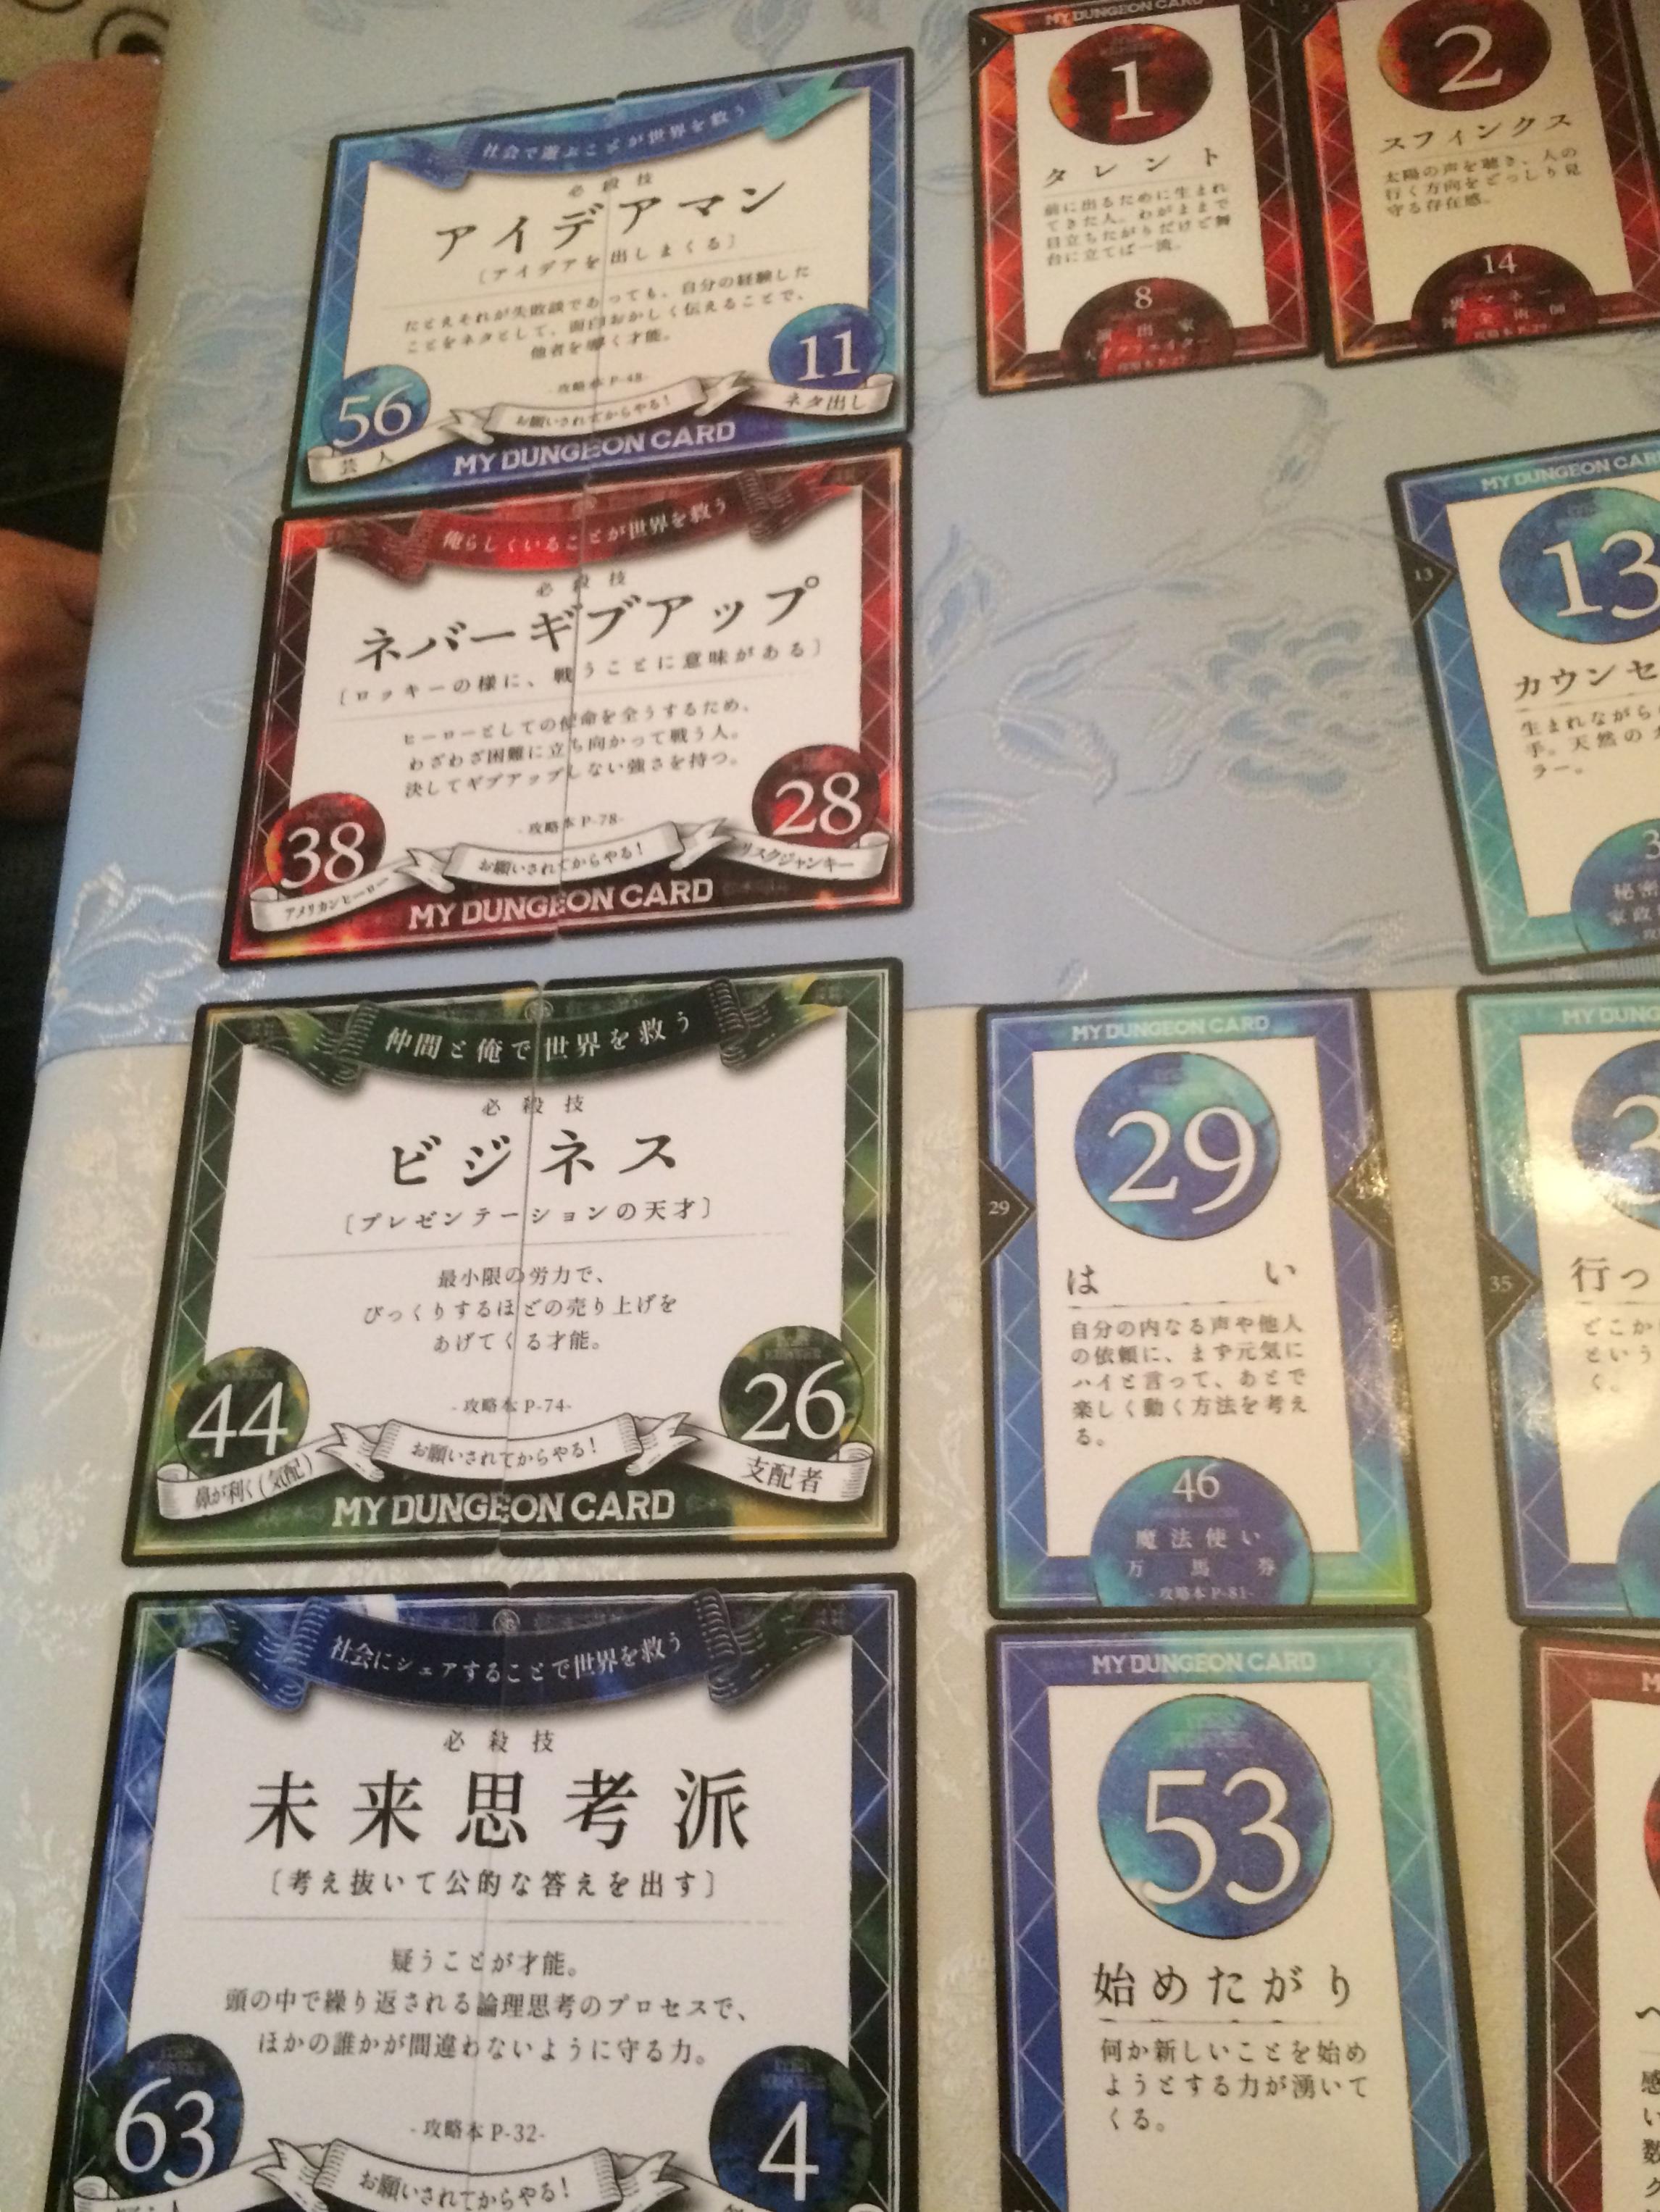 フューマンデザインカード社のマイダンジョンカード